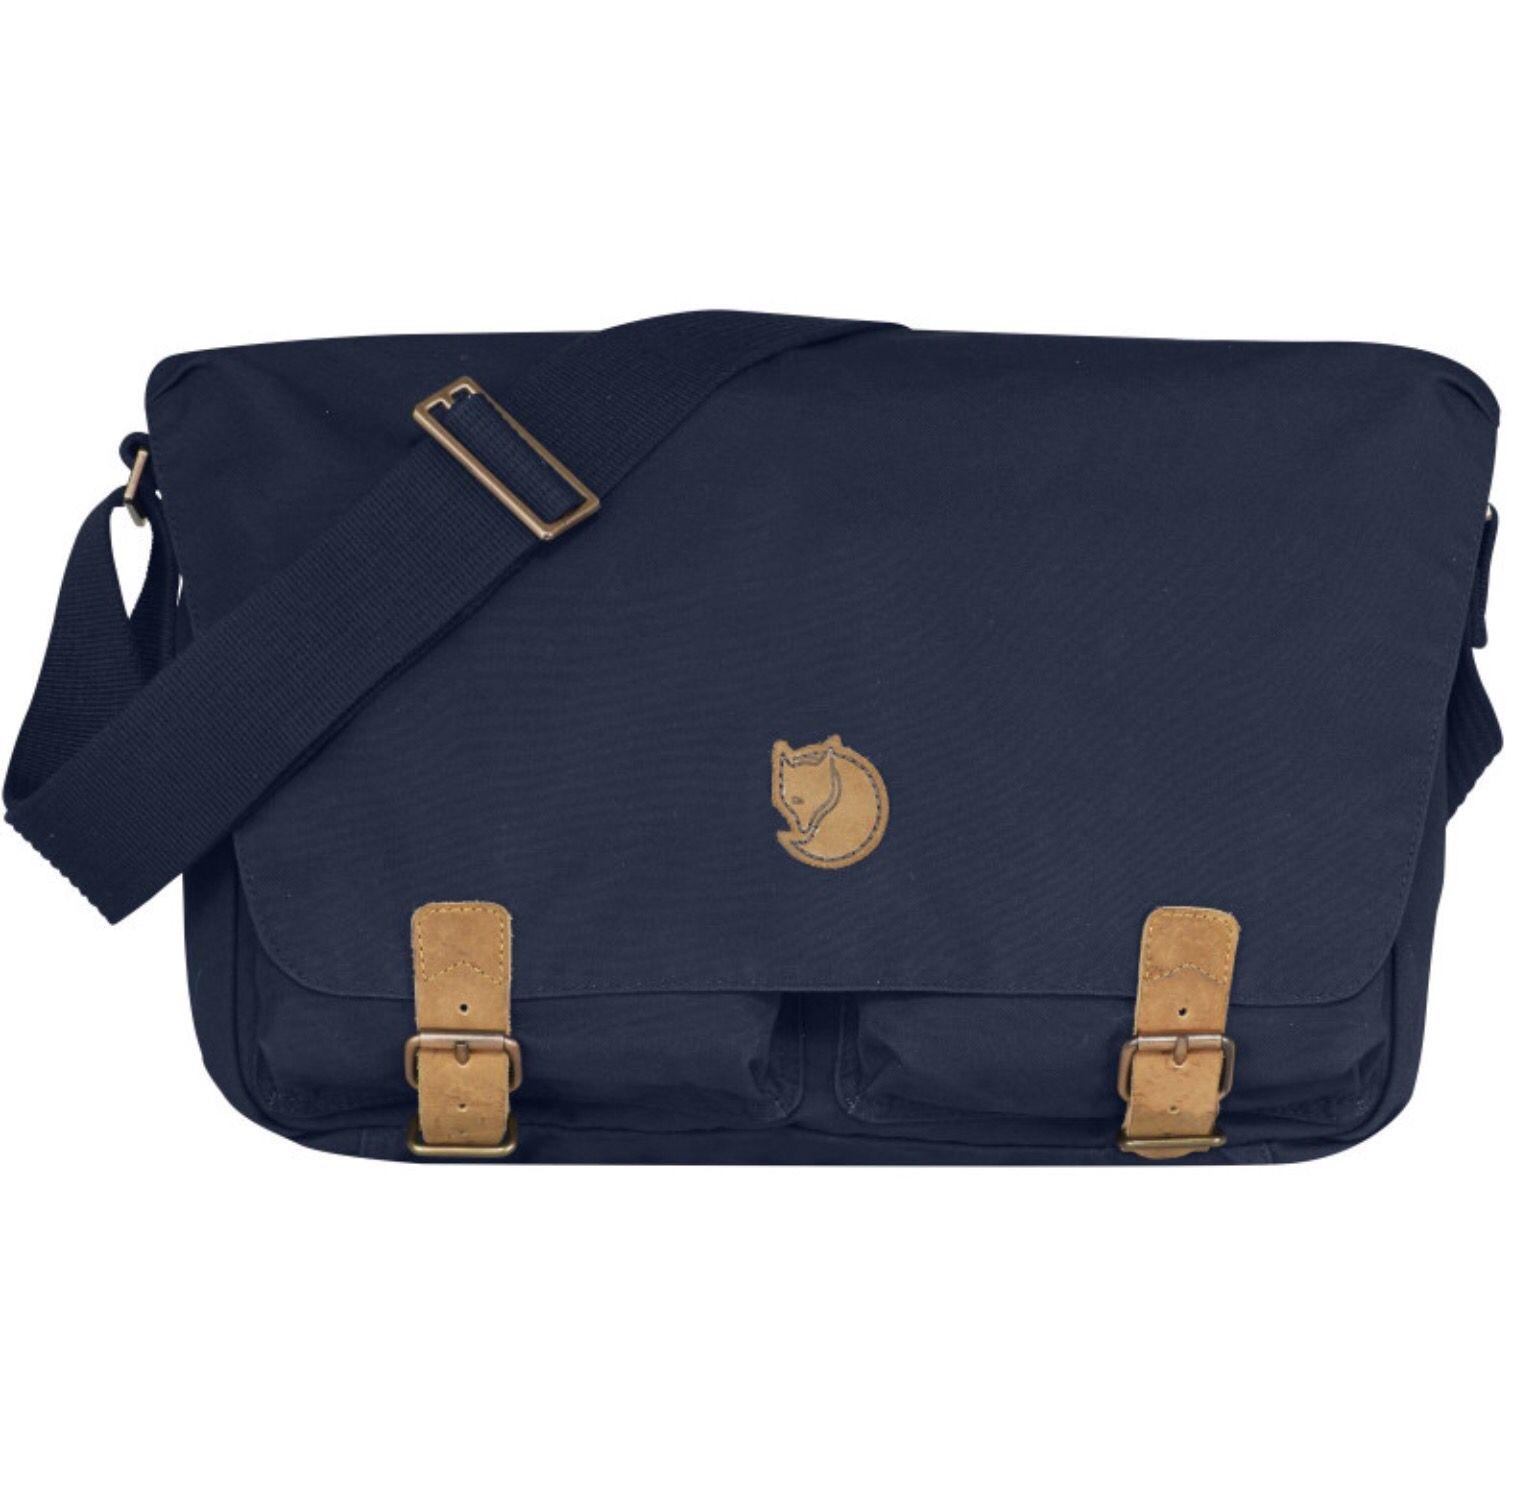 ba4b7d2d215 Övik shoulderbag Fjällräven | BAGS | Shoulder Bag, Bags och Shoulder